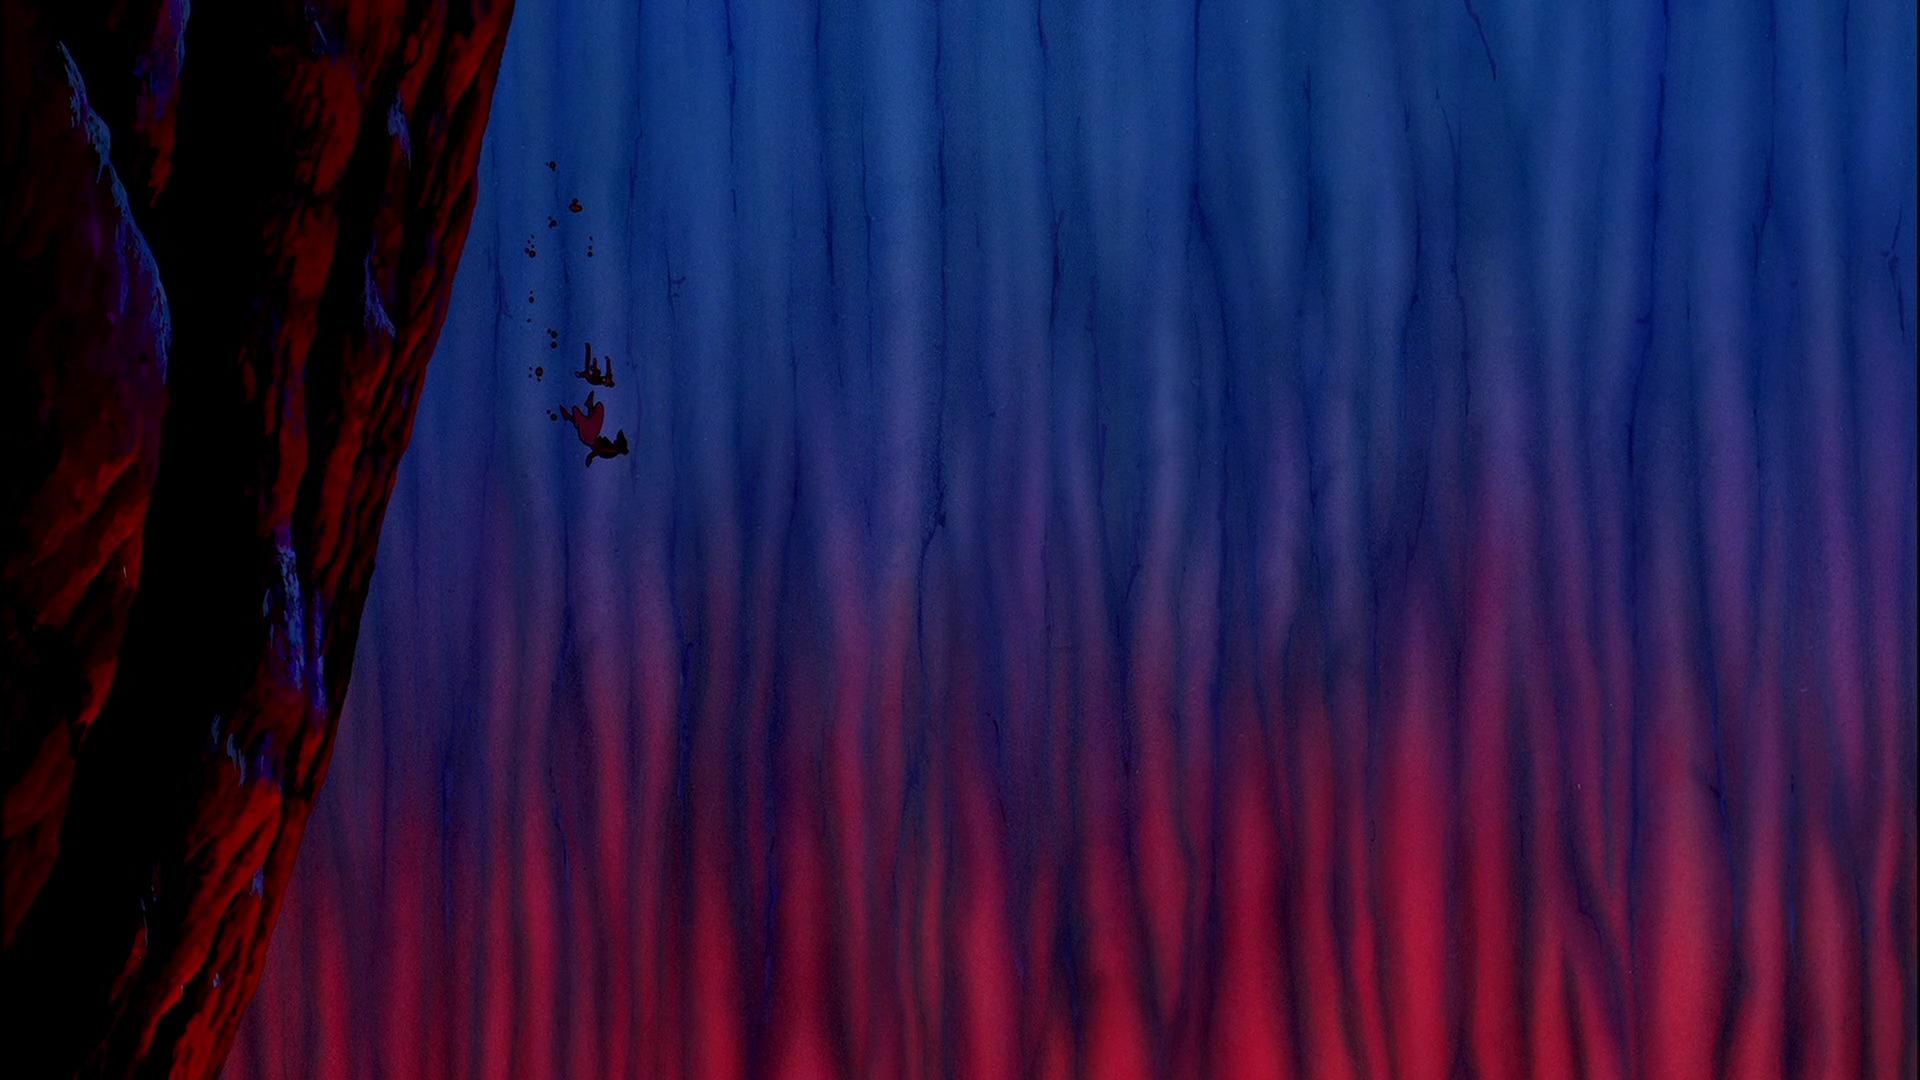 aladdin-disneyscreencaps.com-3907.jpg